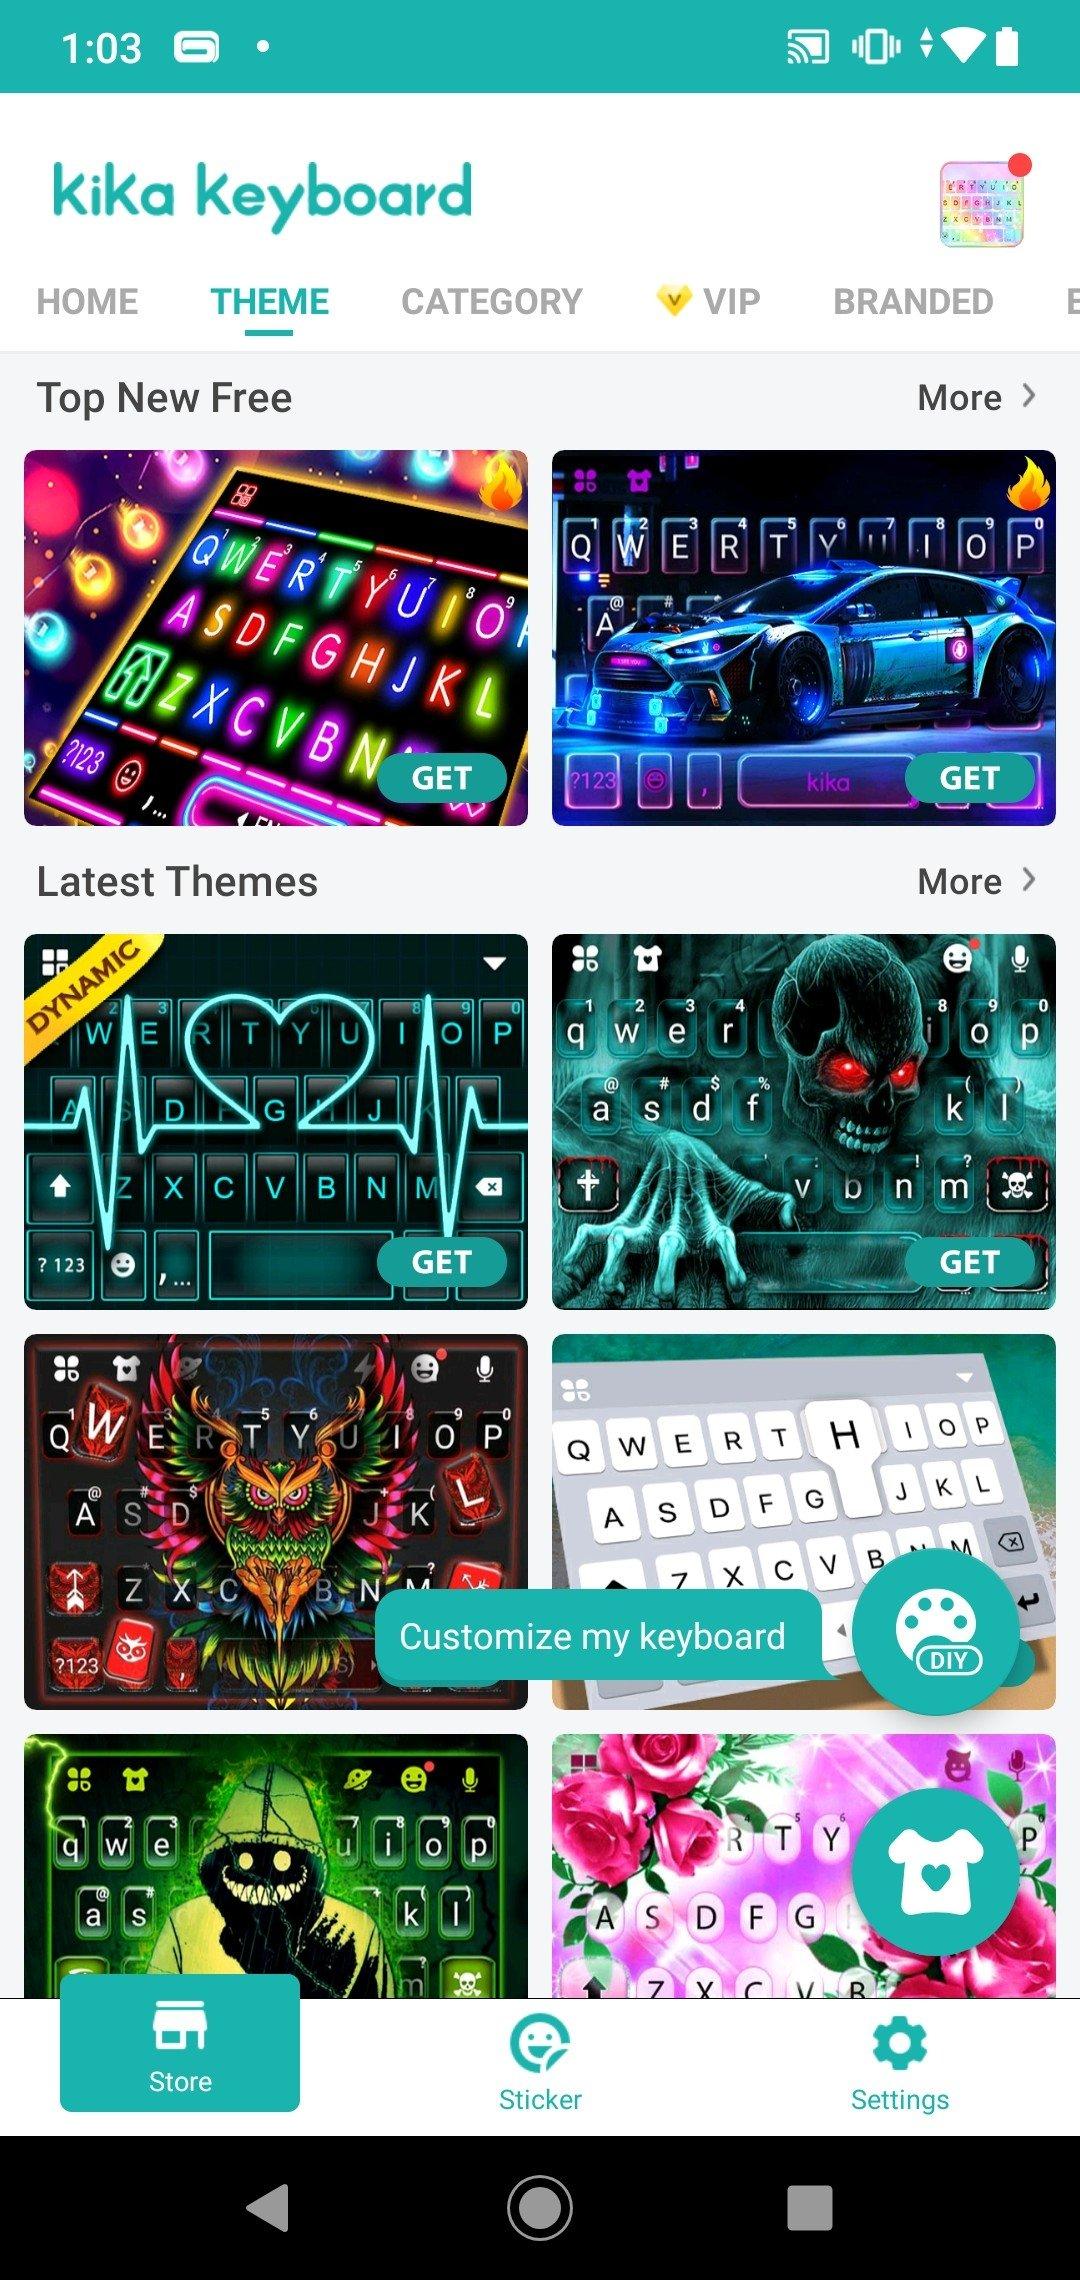 Kika Keyboard Android image 8